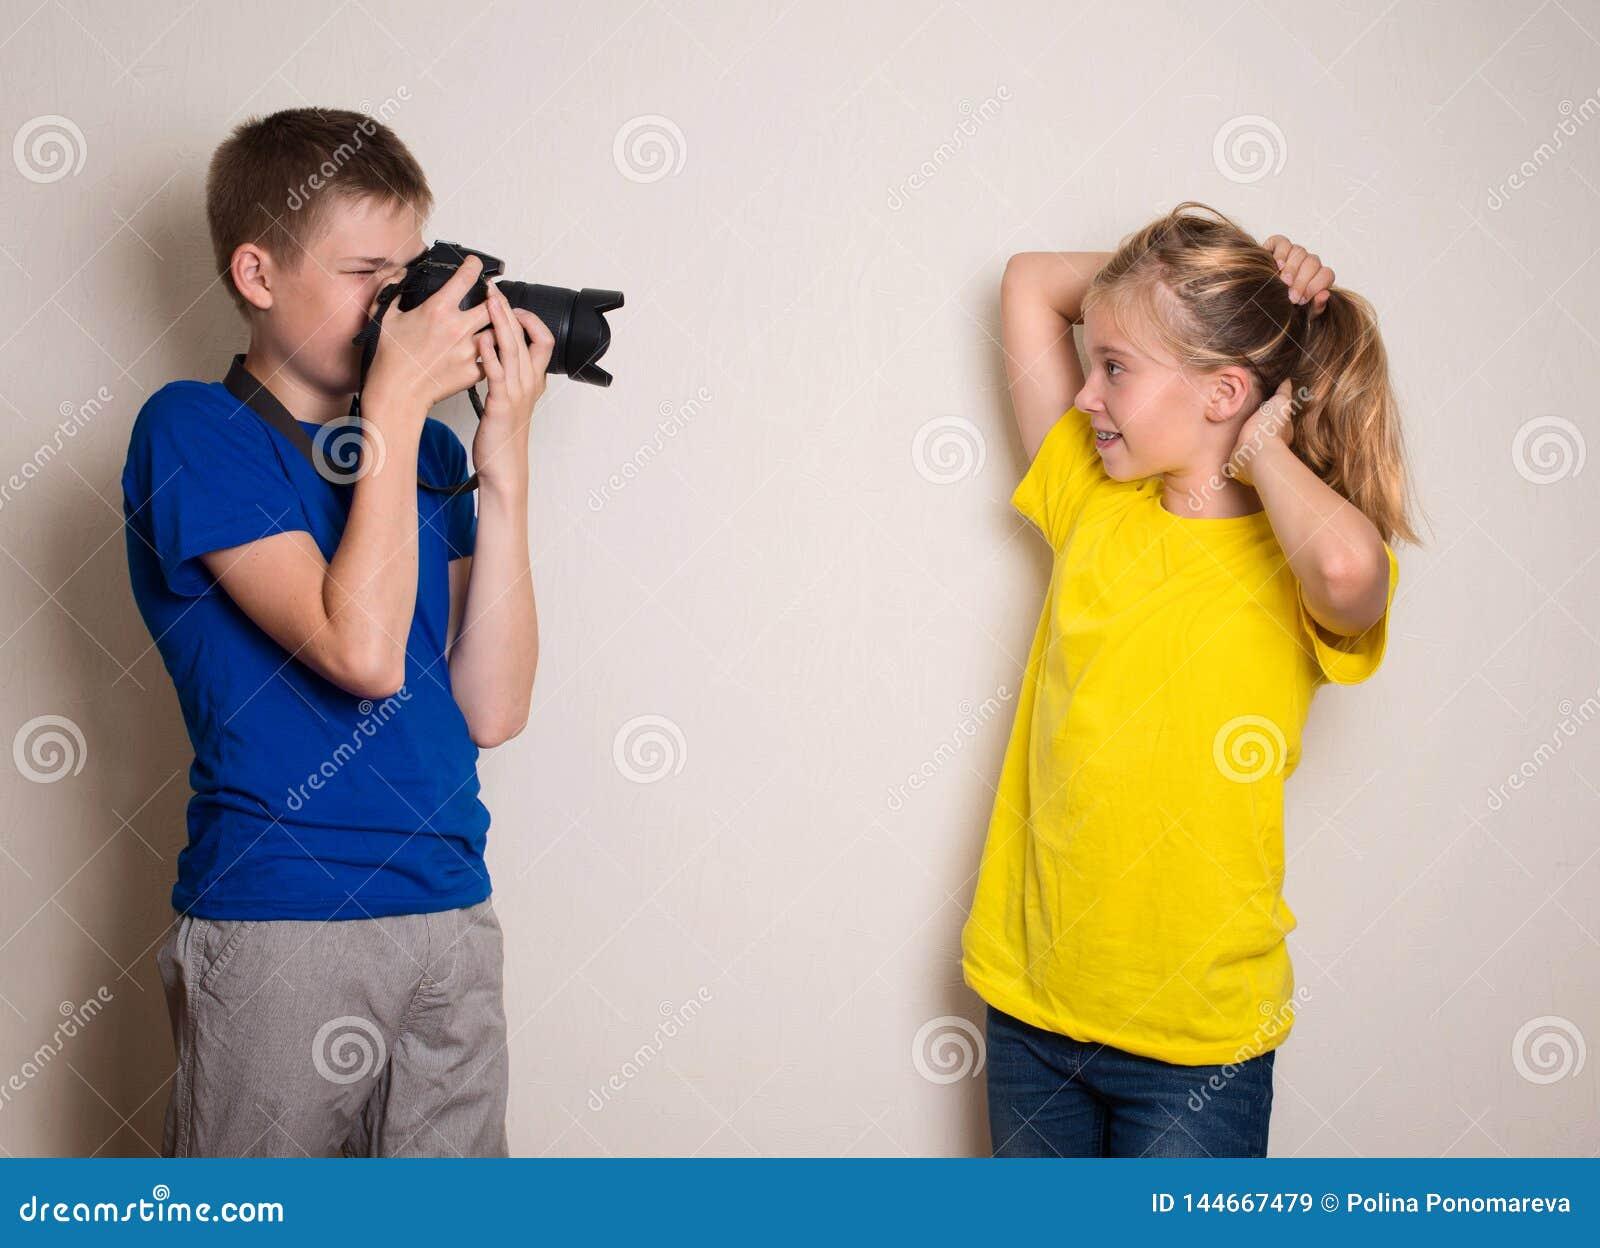 在家做照片的两最好的朋友青少年在他们的照相机,有乐趣一起,喜悦和幸福